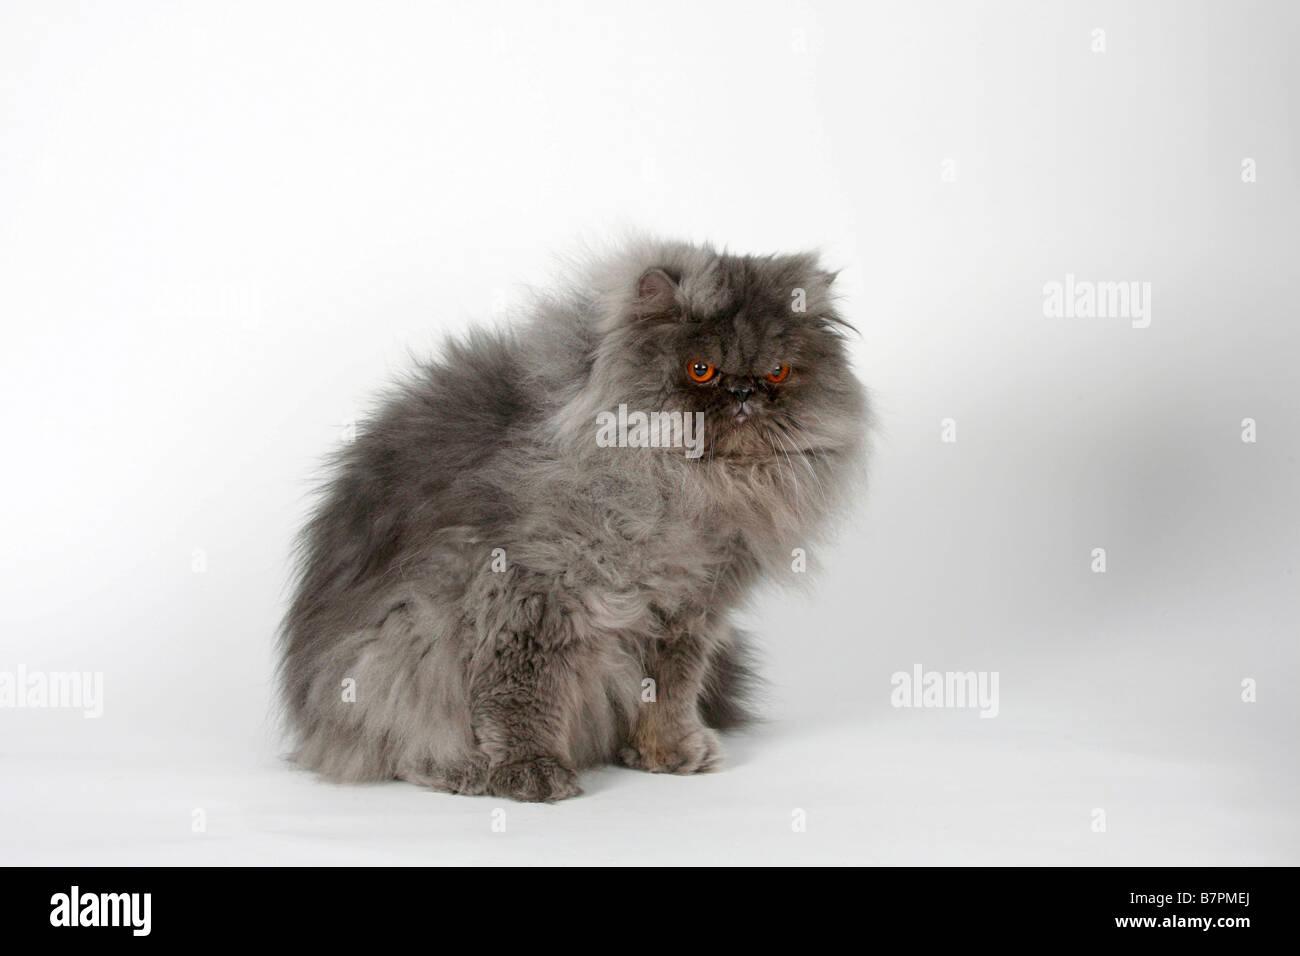 Persische Katze Kater blauer Rauch Stockbild